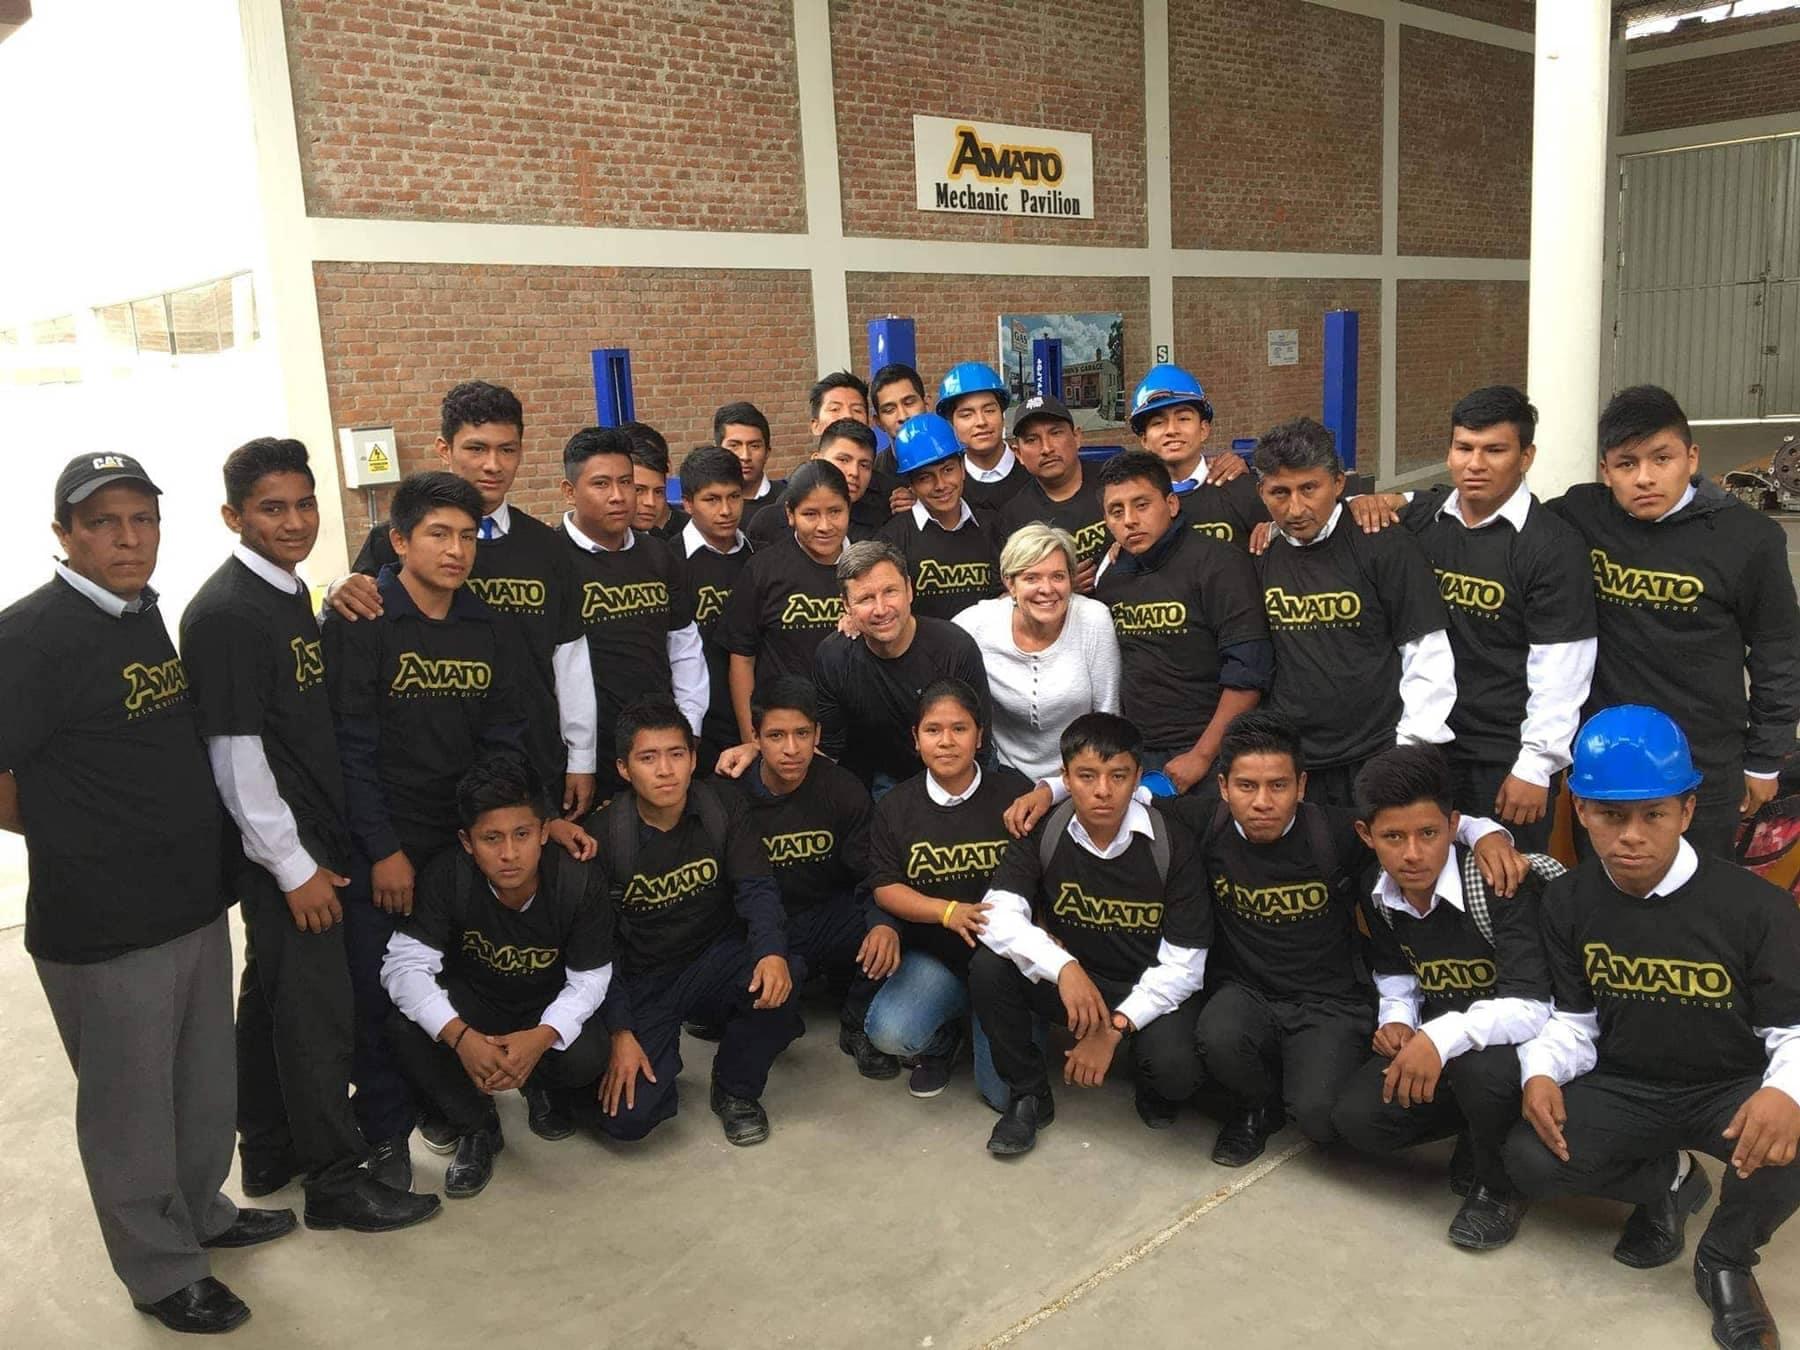 The Amato Family Foundation - Group Photo